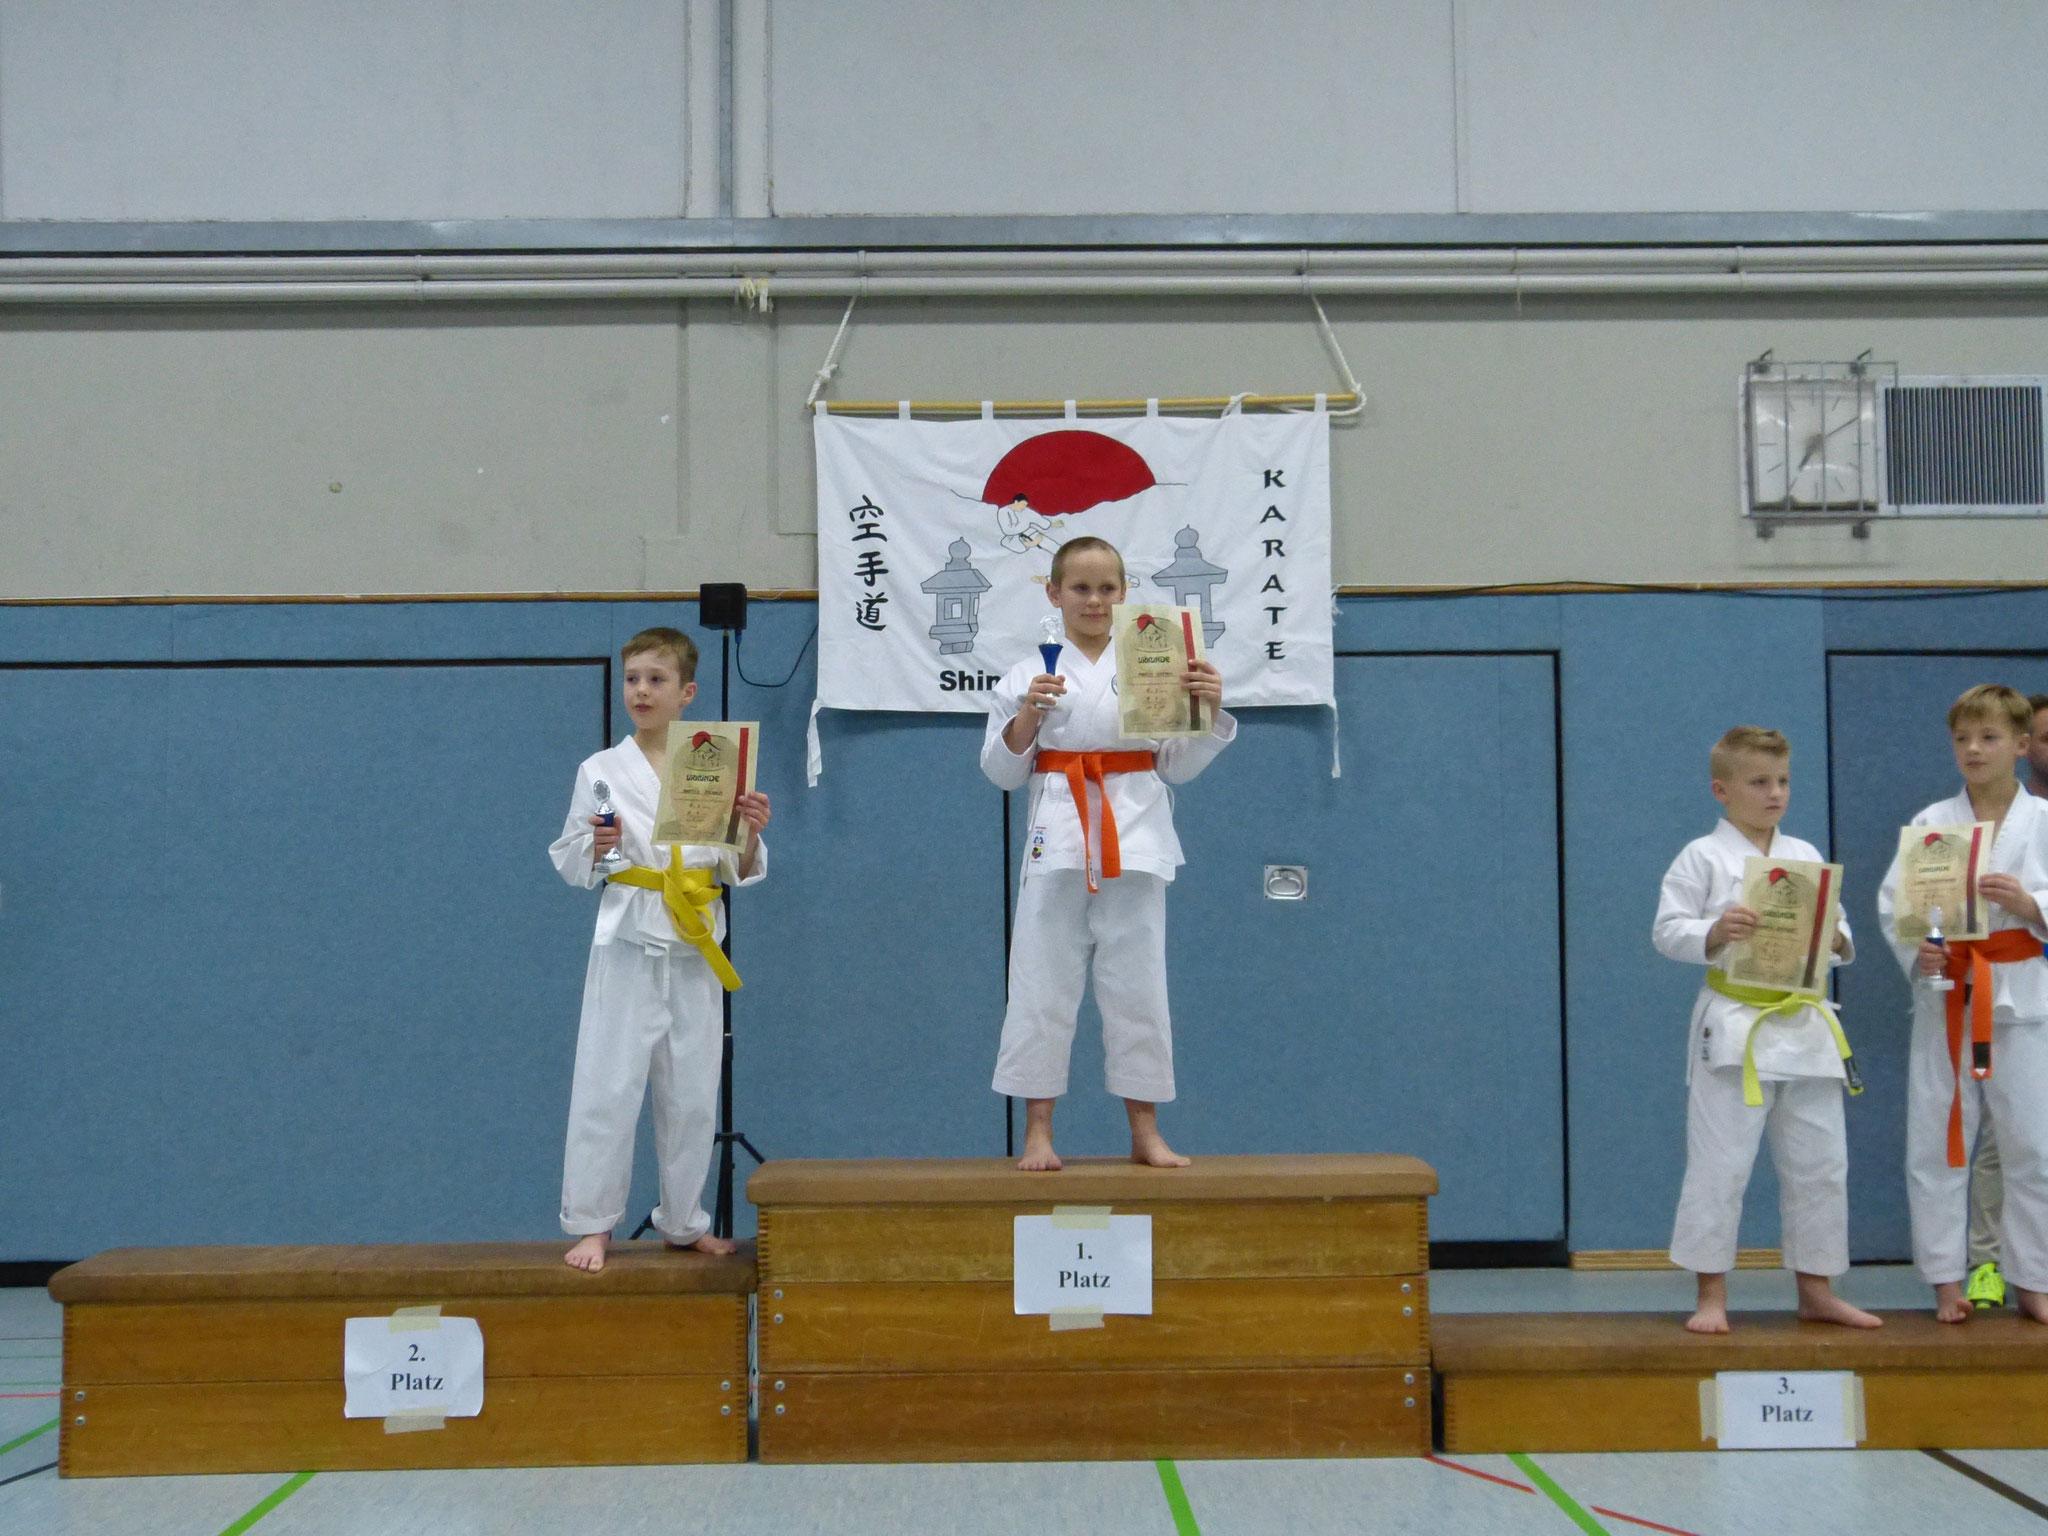 Mattes erreichte mit seiner Performance der Pinan Nidan den 2. Platz, super!